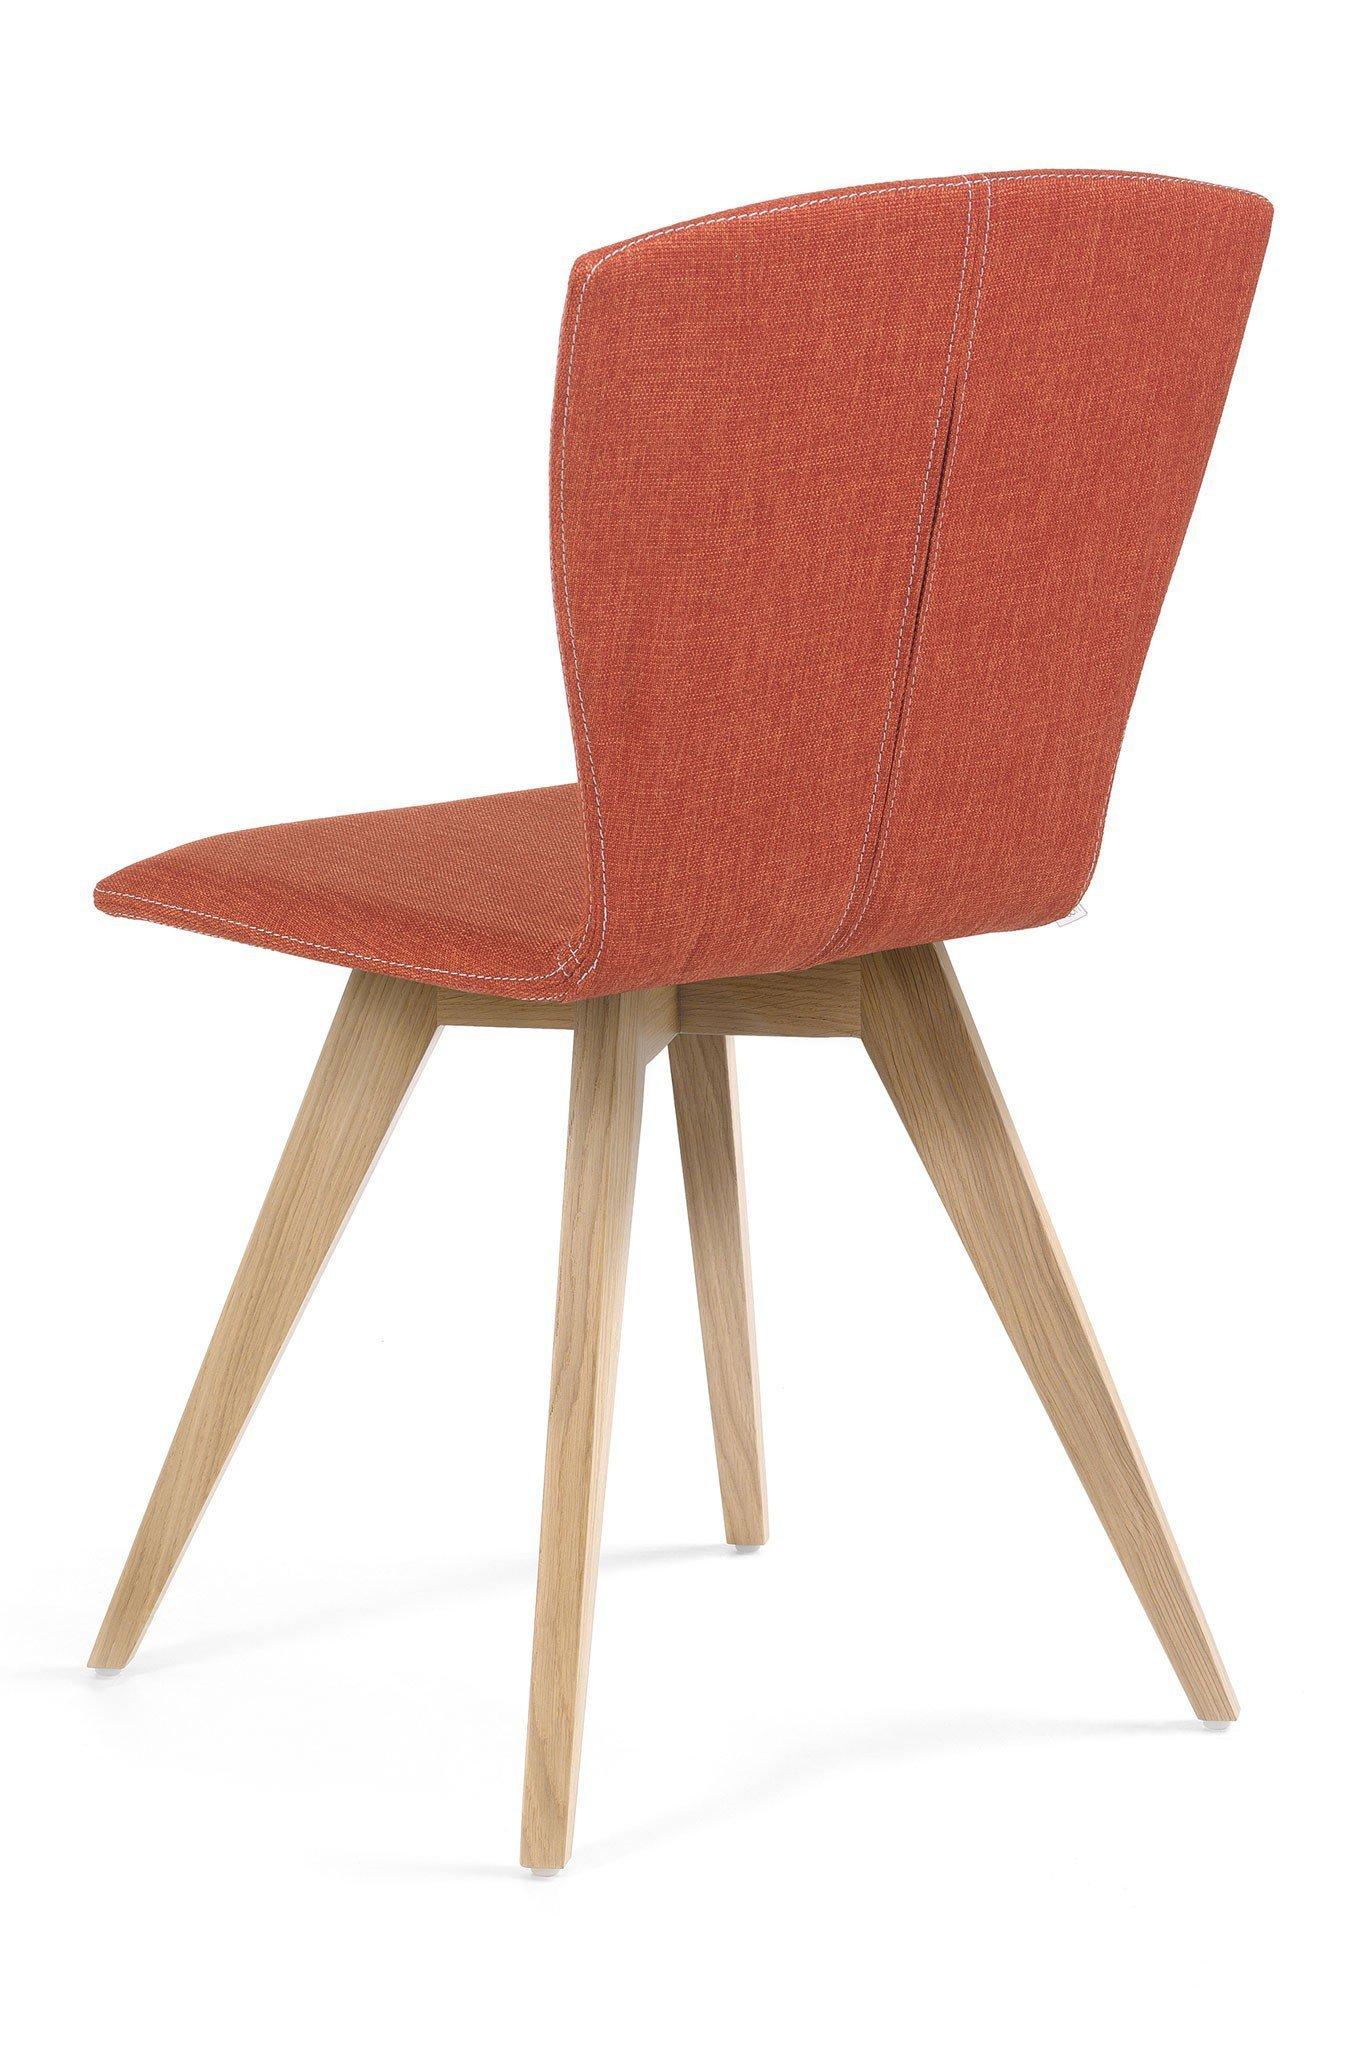 mobitec stuhl mood 21 uni eiche orange m bel letz ihr online shop. Black Bedroom Furniture Sets. Home Design Ideas